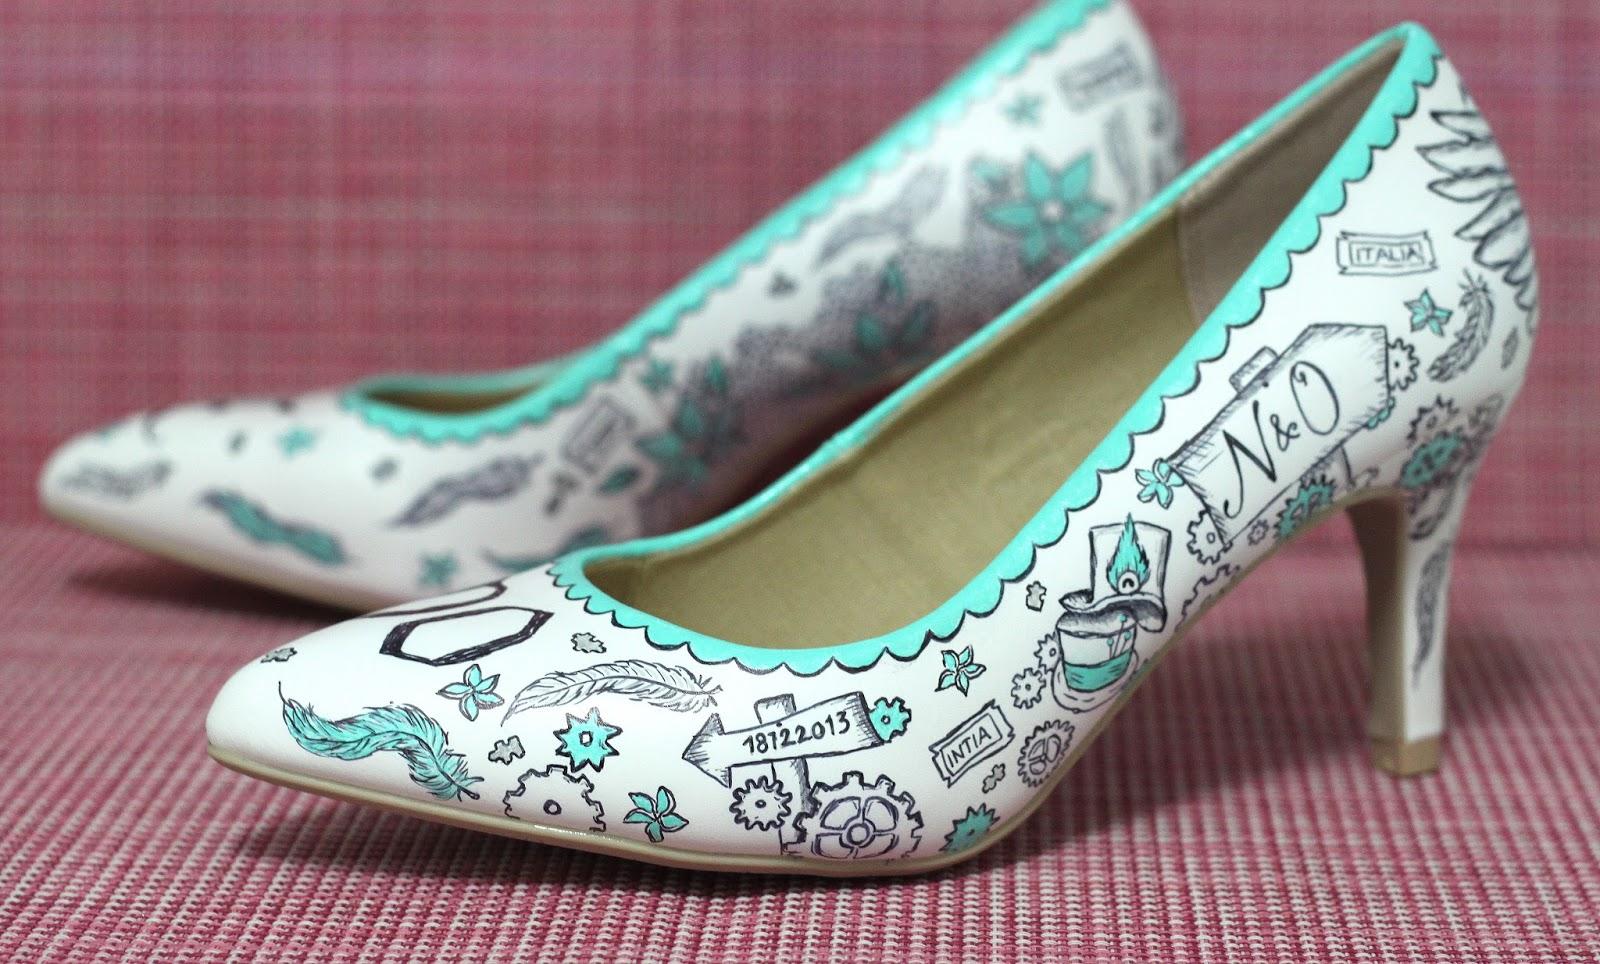 Kengät voivat olla esimerkiksi hääkengät 6c5c067acd